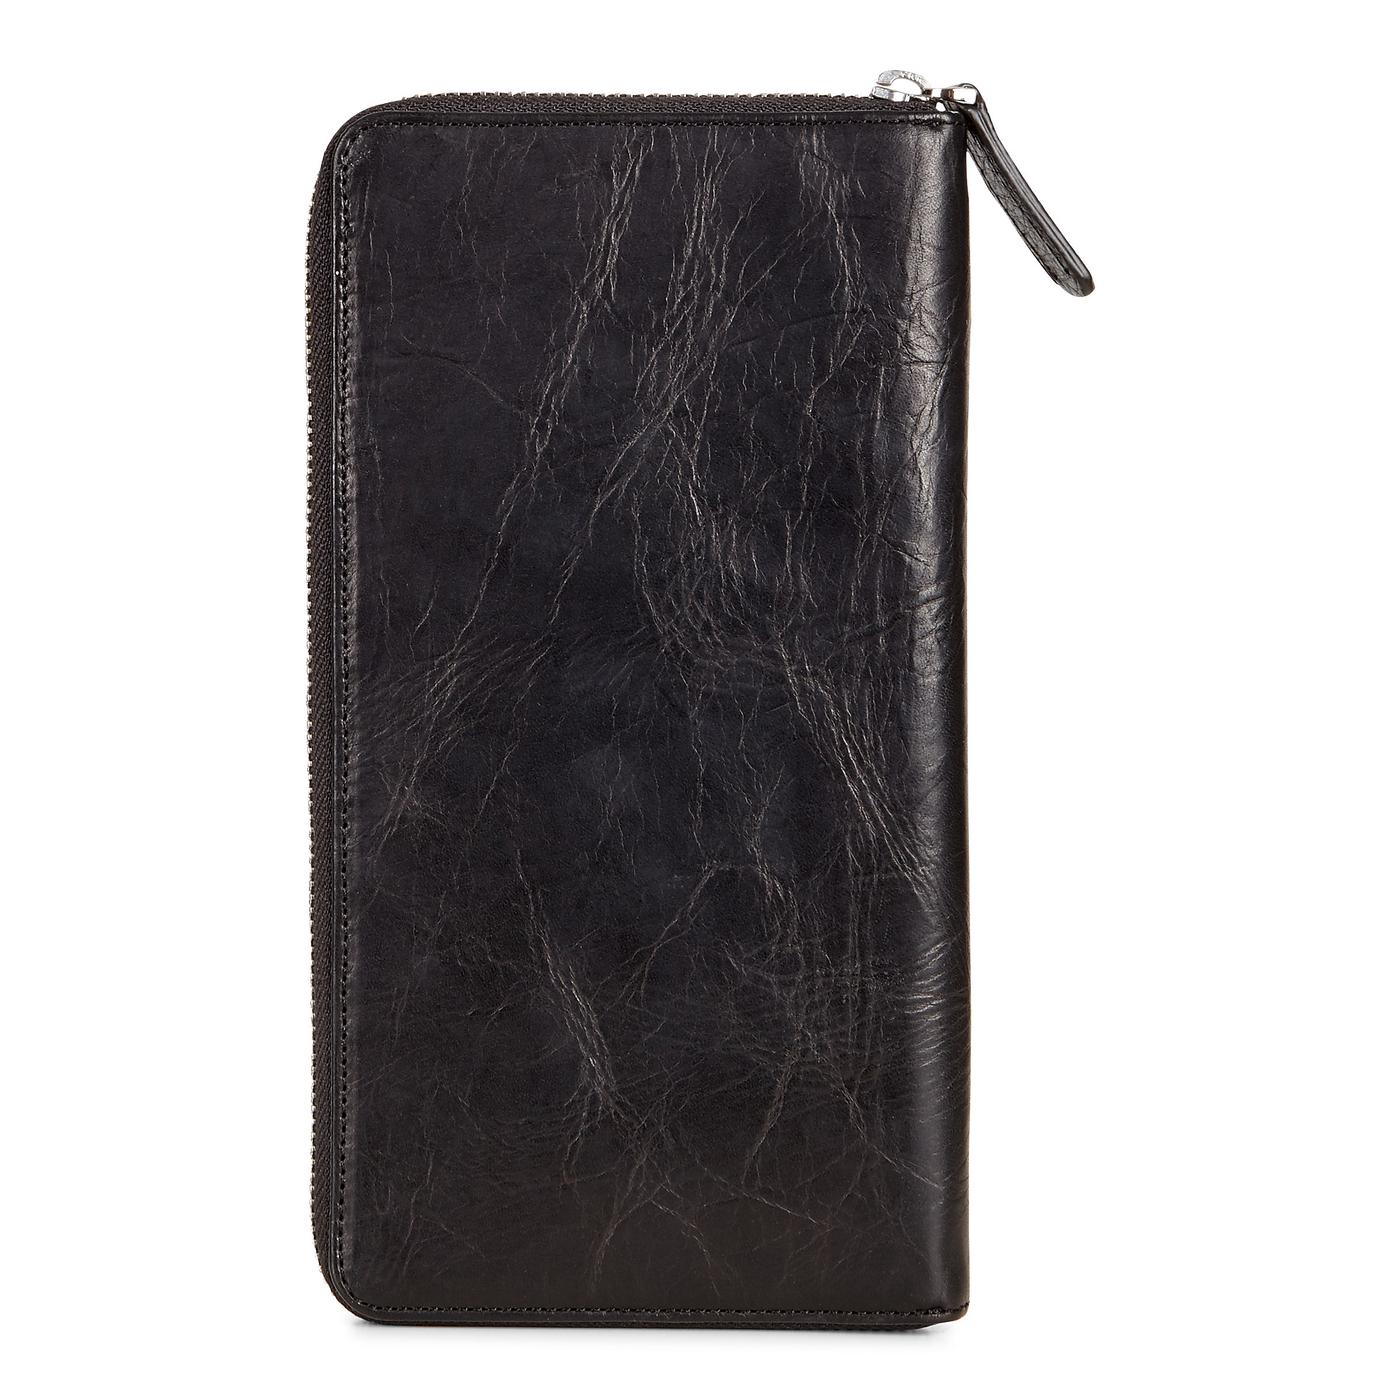 ECCO ARNE Vesper RFID Zip Wallet